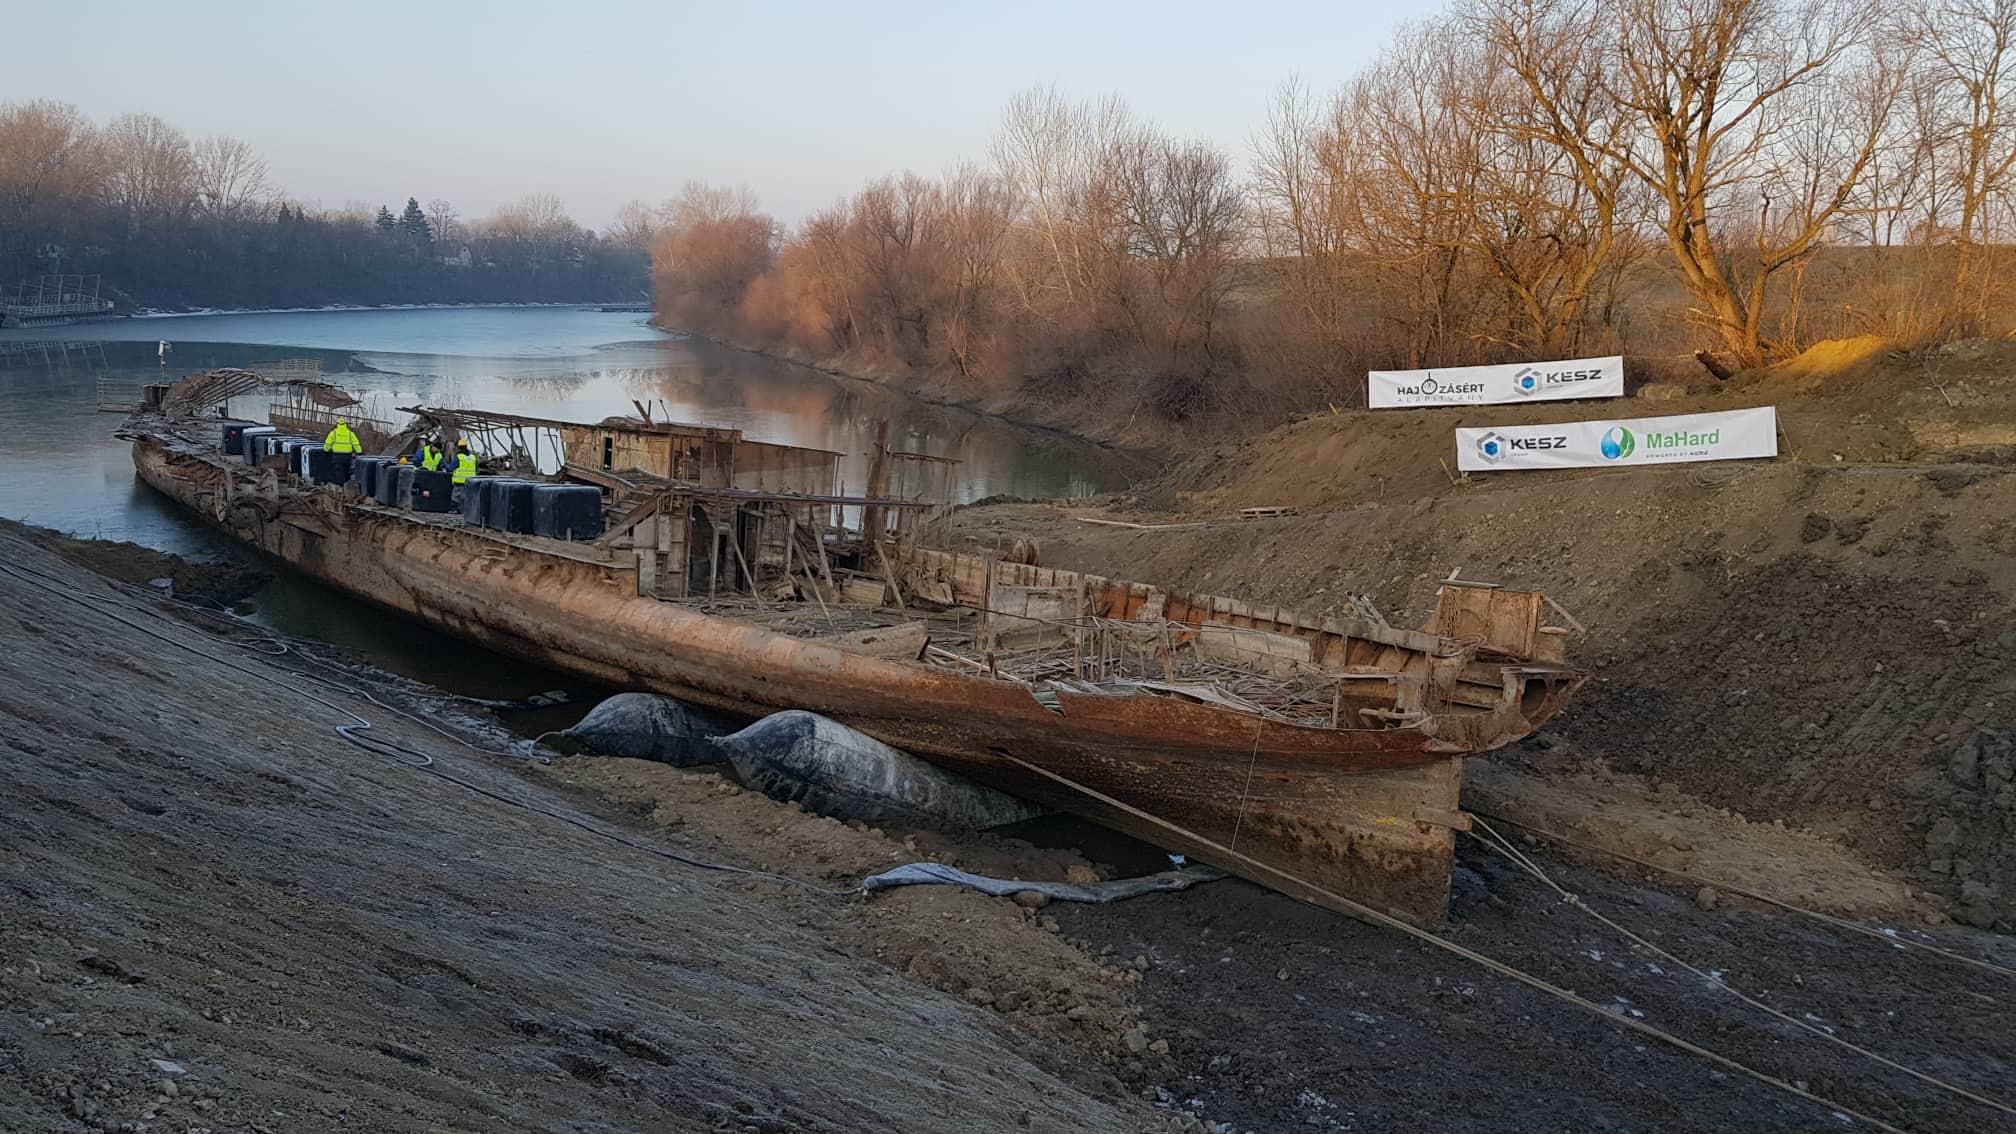 Parta vontatják az elsüllyedt legnagyobb magyar gőzhajót, a Szőke Tiszát